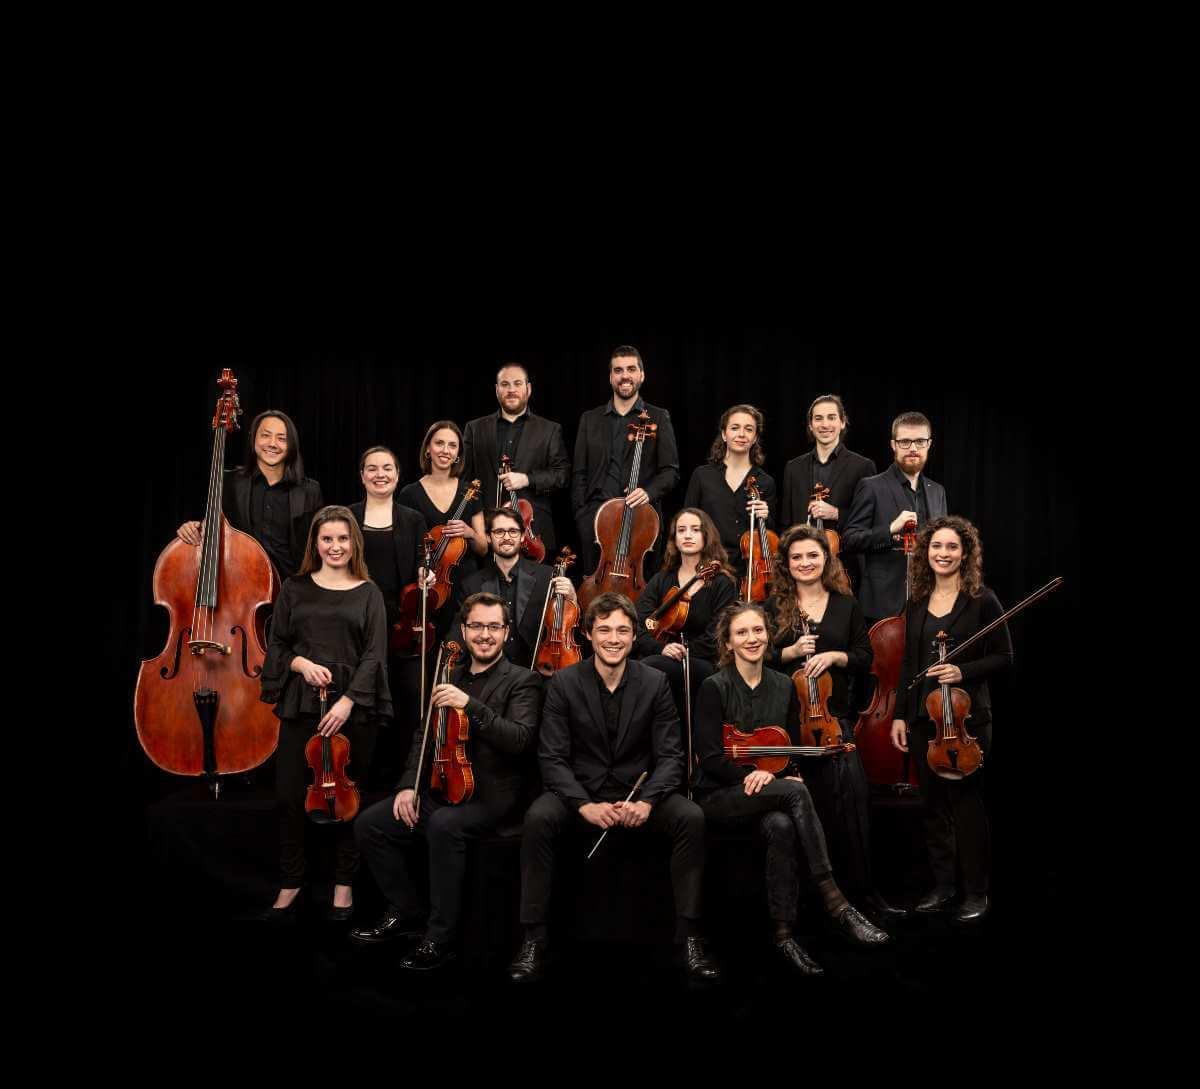 Orchestre de l'Agora. (Photo : Stéphane Bourgeois)